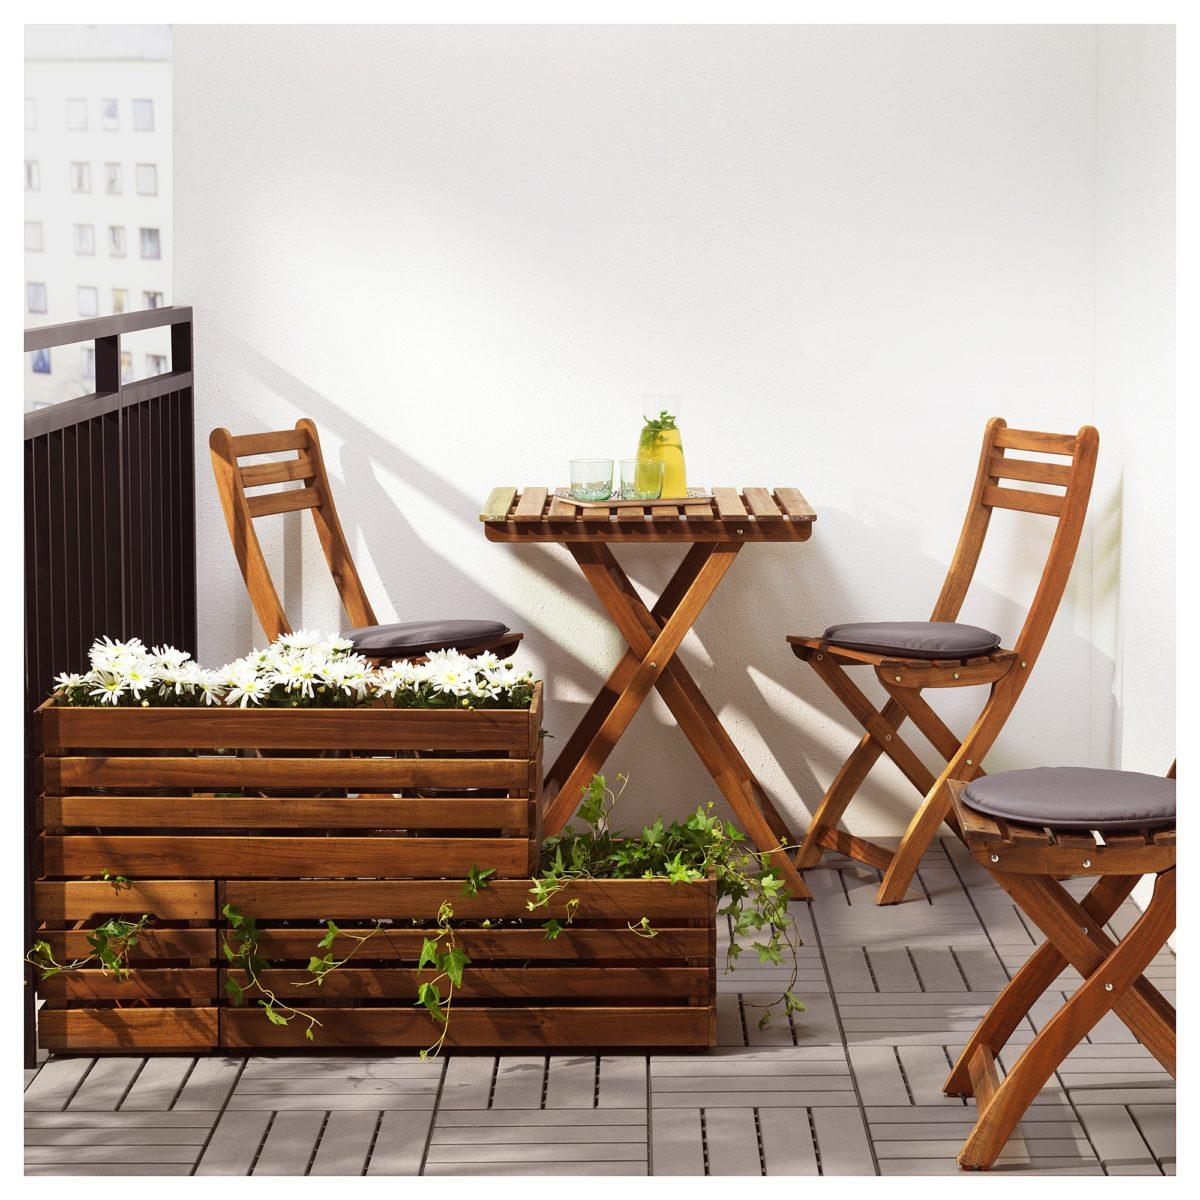 Tavolino Per Balcone Ikea ikea catalogo estate 2019 balconi terrazzi giardino e mare